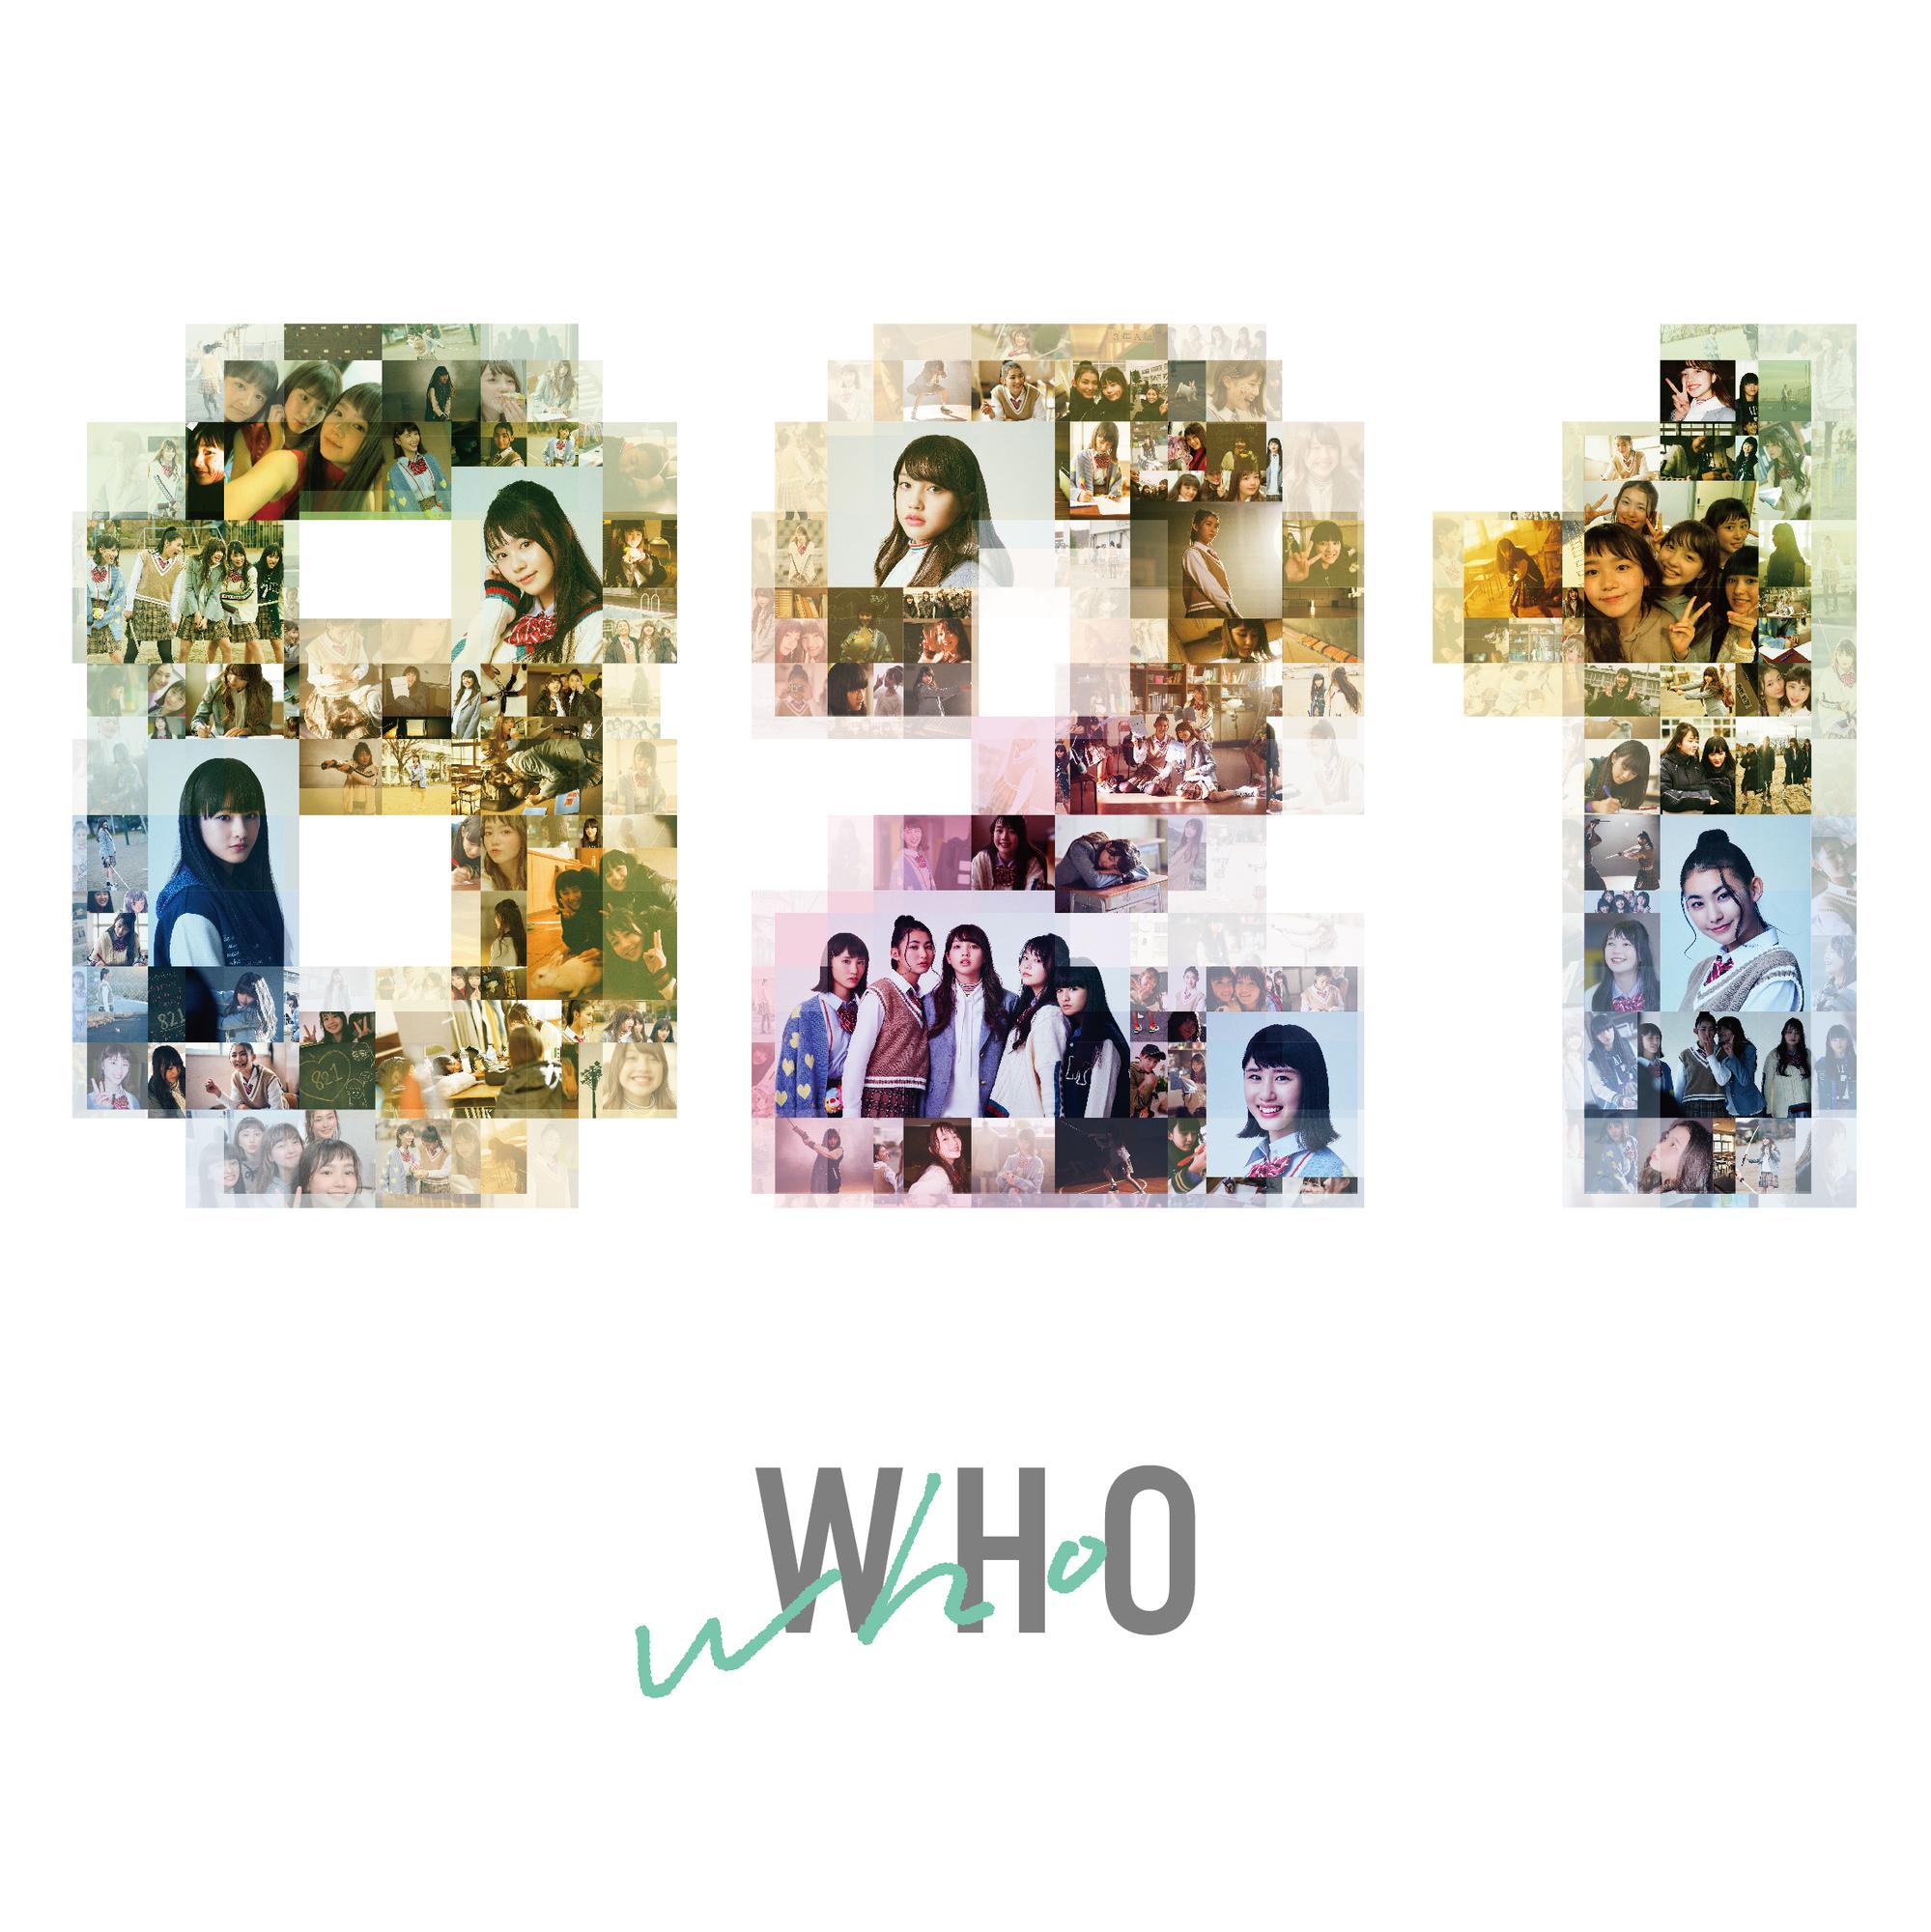 「WHO」ジャケット写真